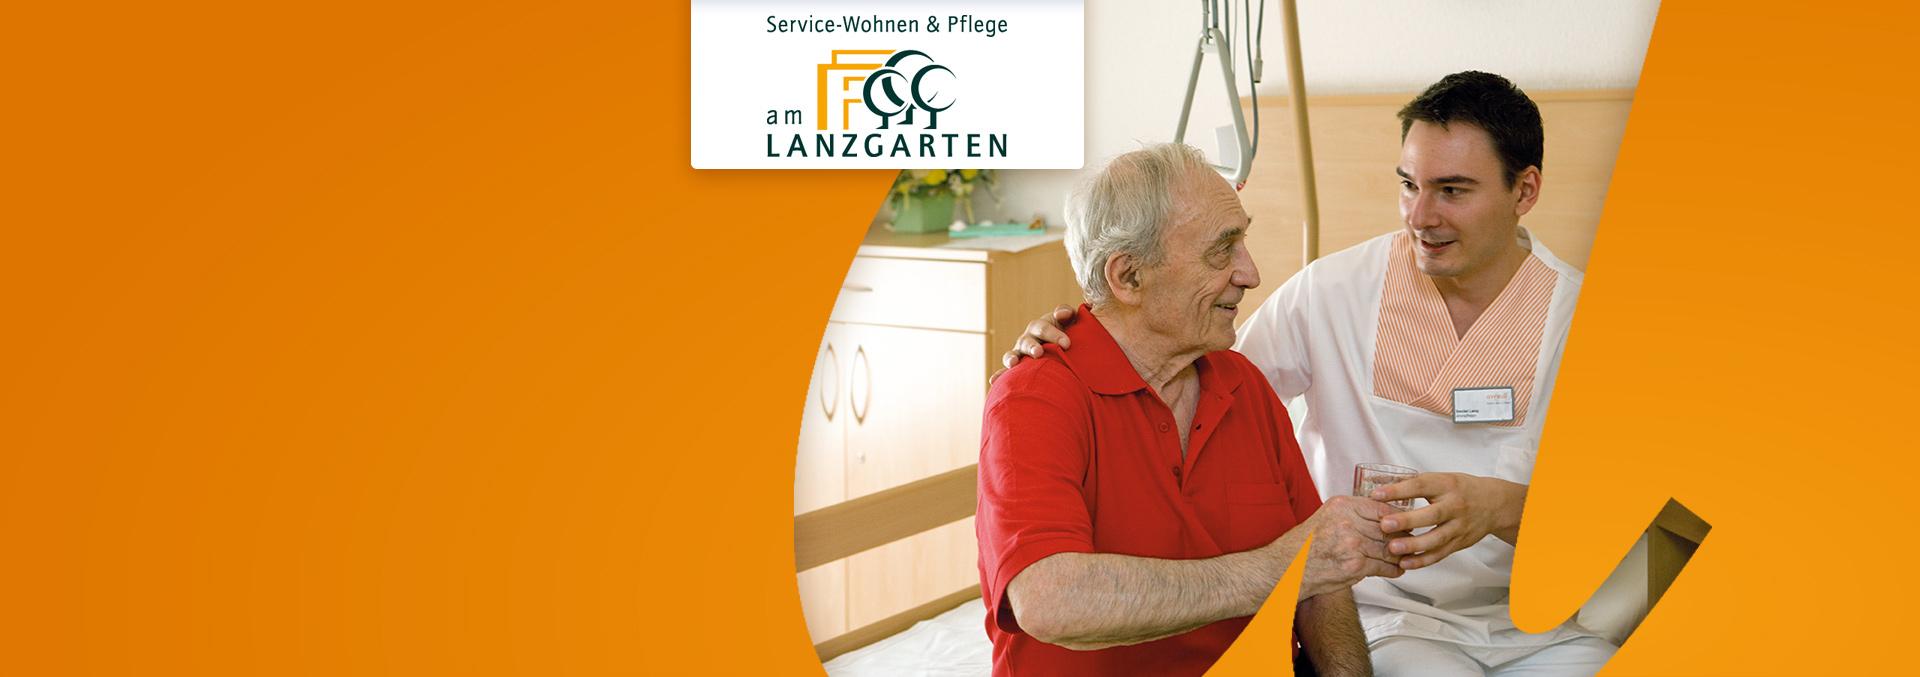 Service-Wohnen und Pflege LANZGARTEN: Ein Pfleger sitzt neben einem Bewohner und reicht ihm ein Glas Wasser